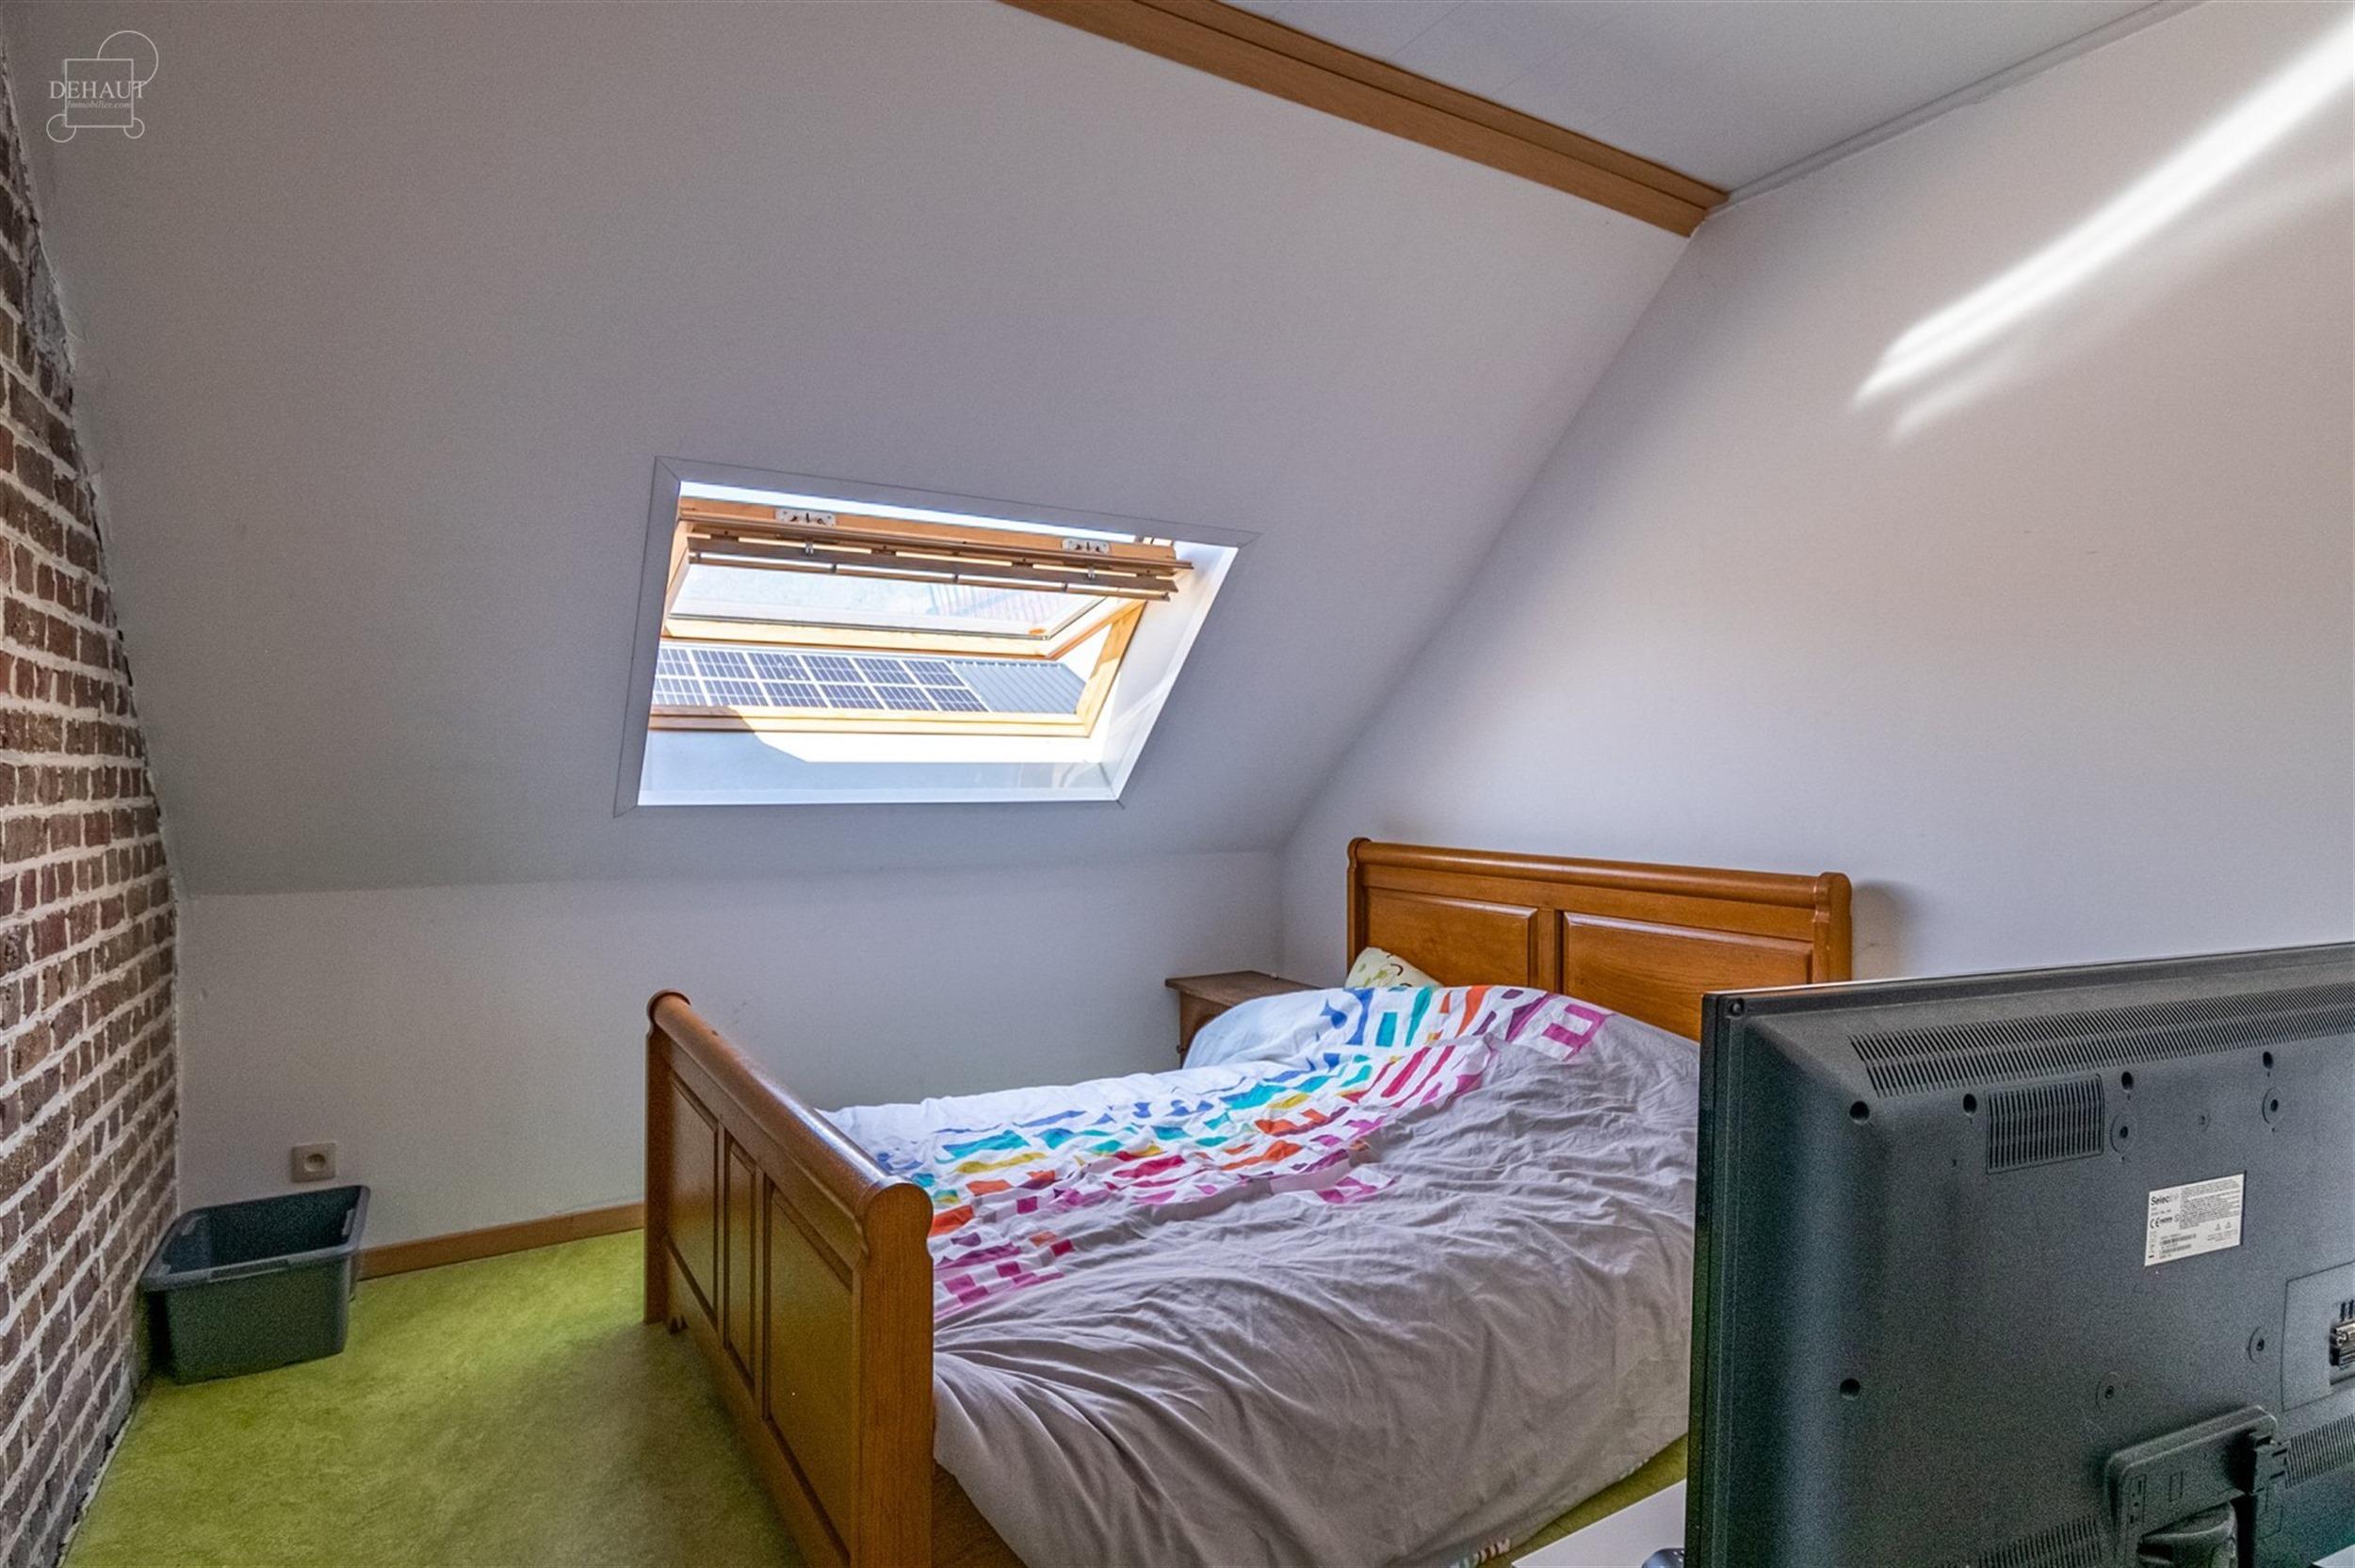 Bel appartement au 1er étage idéalement situé dans une rue calme. Propose un espace de vie ouvert sur une cuisine équipée, un espace en mezzanine...